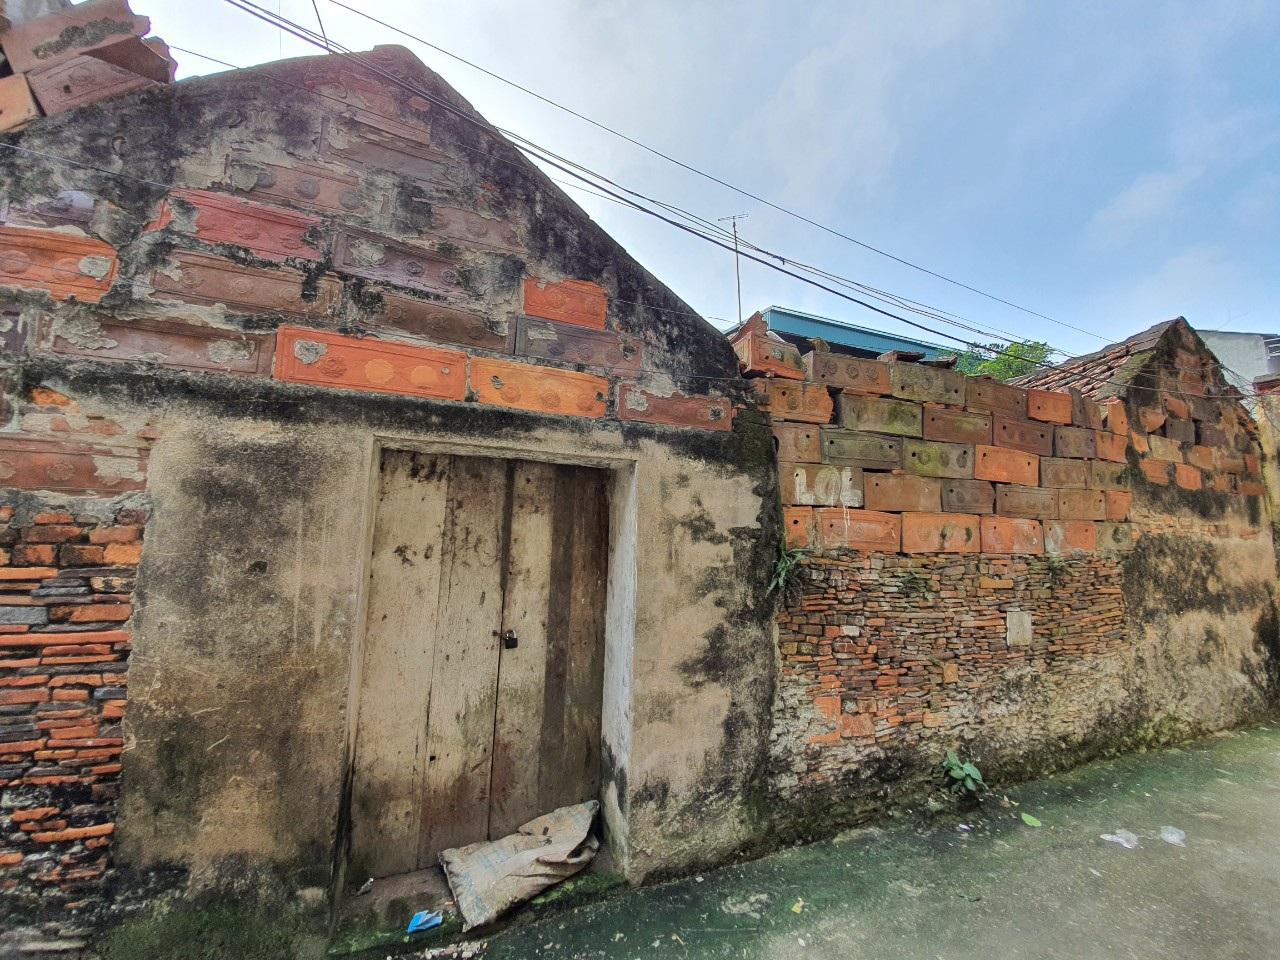 Kỳ lạ làng có những ngôi nhà xây bằng tiểu sành độc nhất ở Việt Nam - 4